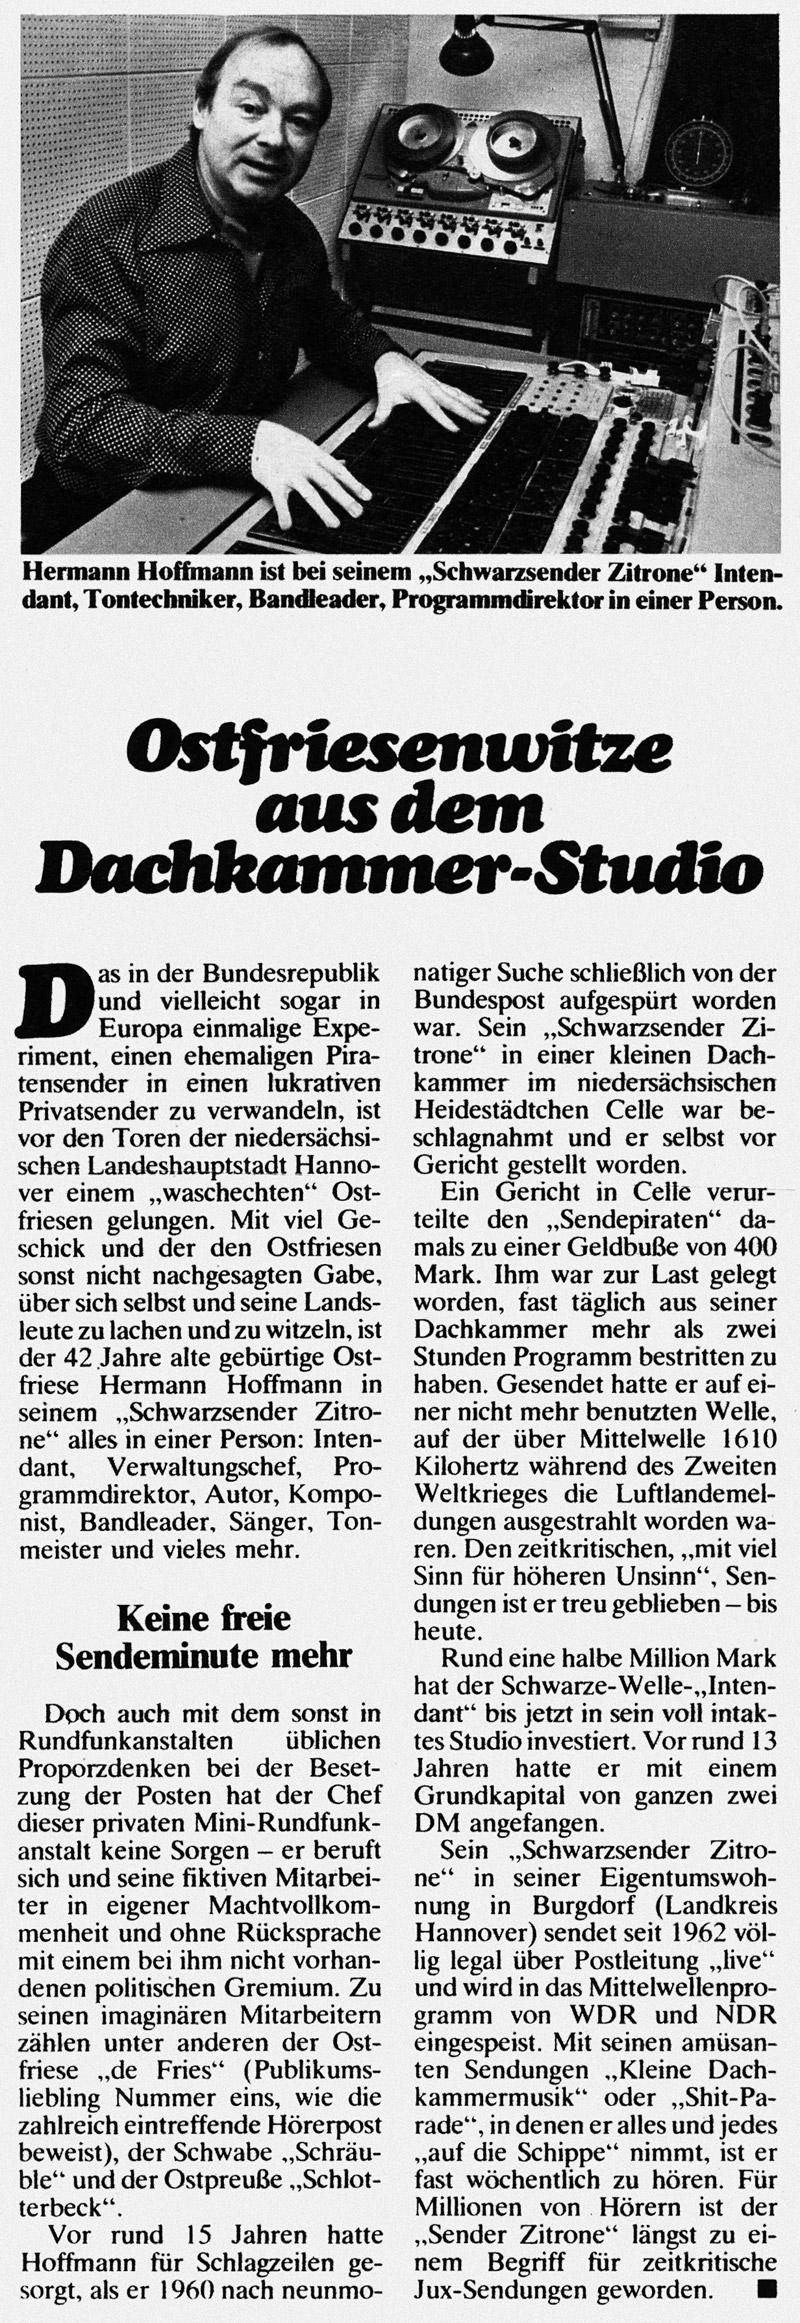 Charmant Tv Nachrichtenredaktion Lebenslauf Galerie - Beispiel ...